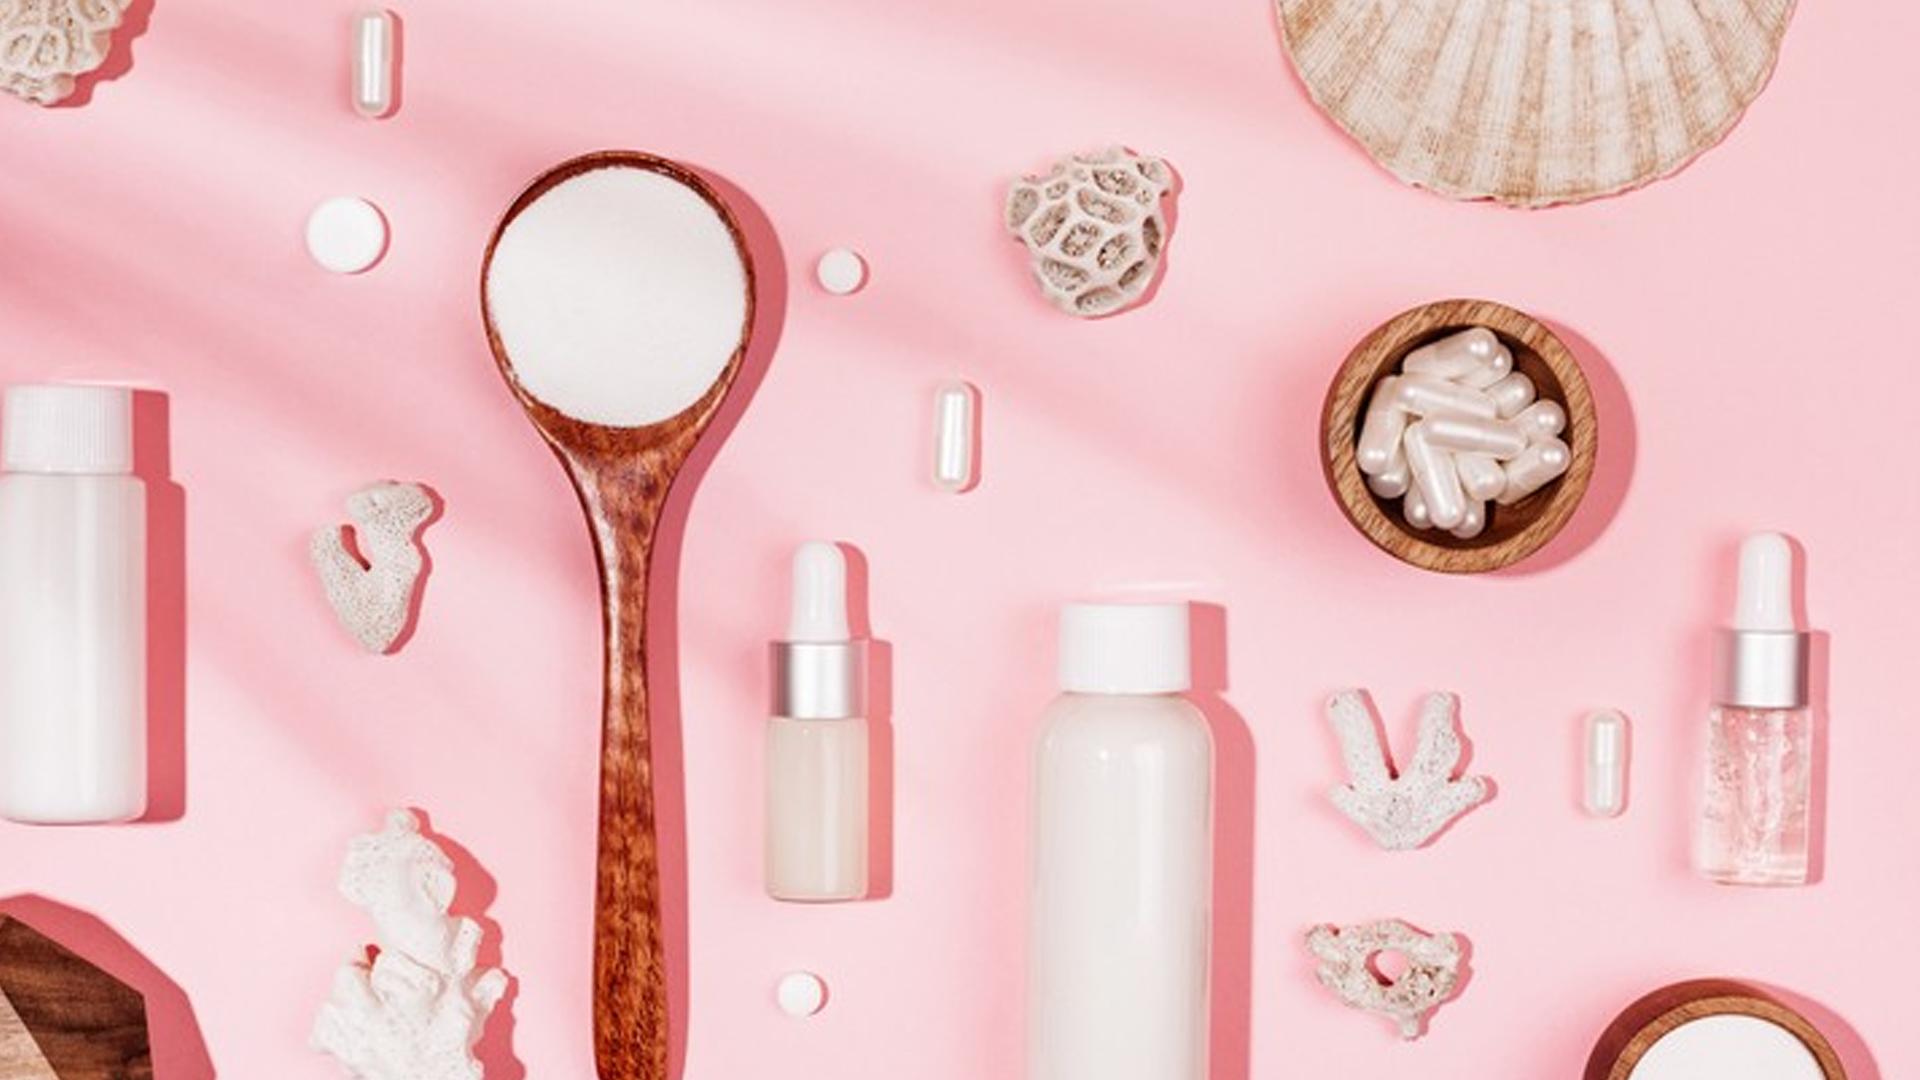 Colágeno marino: qué es, beneficios, y todo lo que puede hacer por tu piel